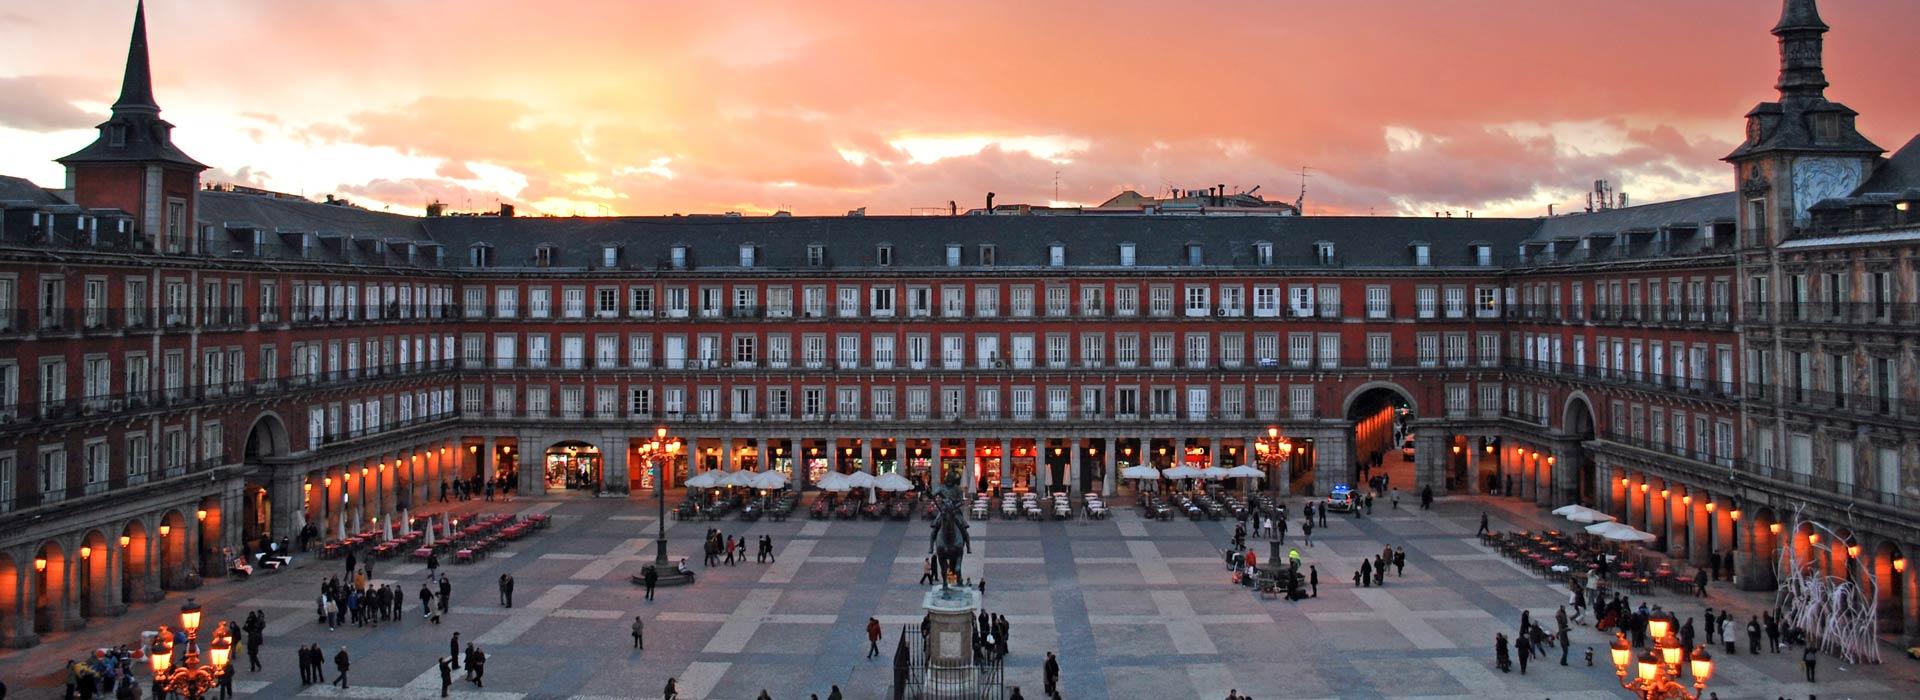 Madrid.Plaza Mayor